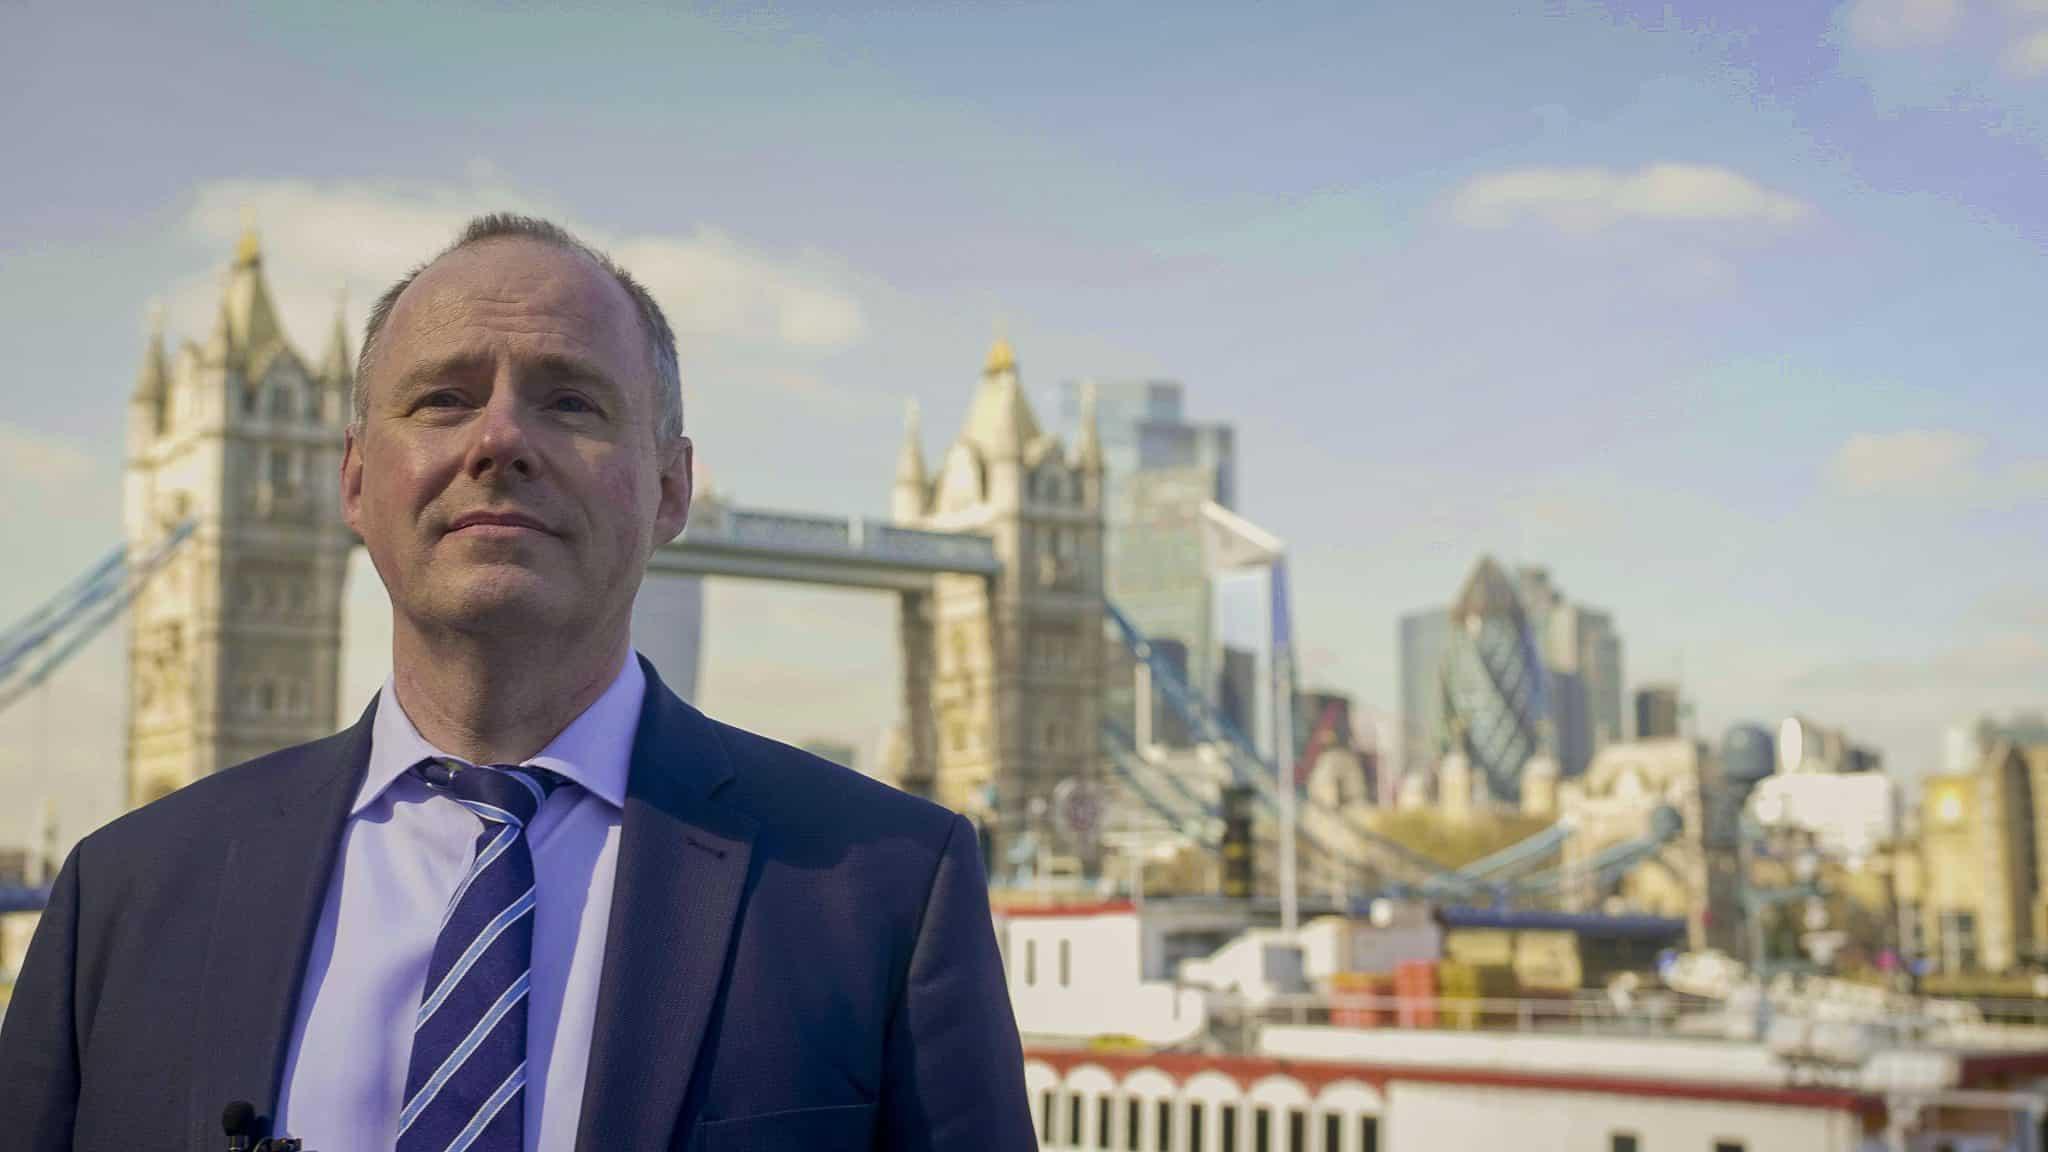 Richard Hewison, Rejoin EU's candidate for London Mayor